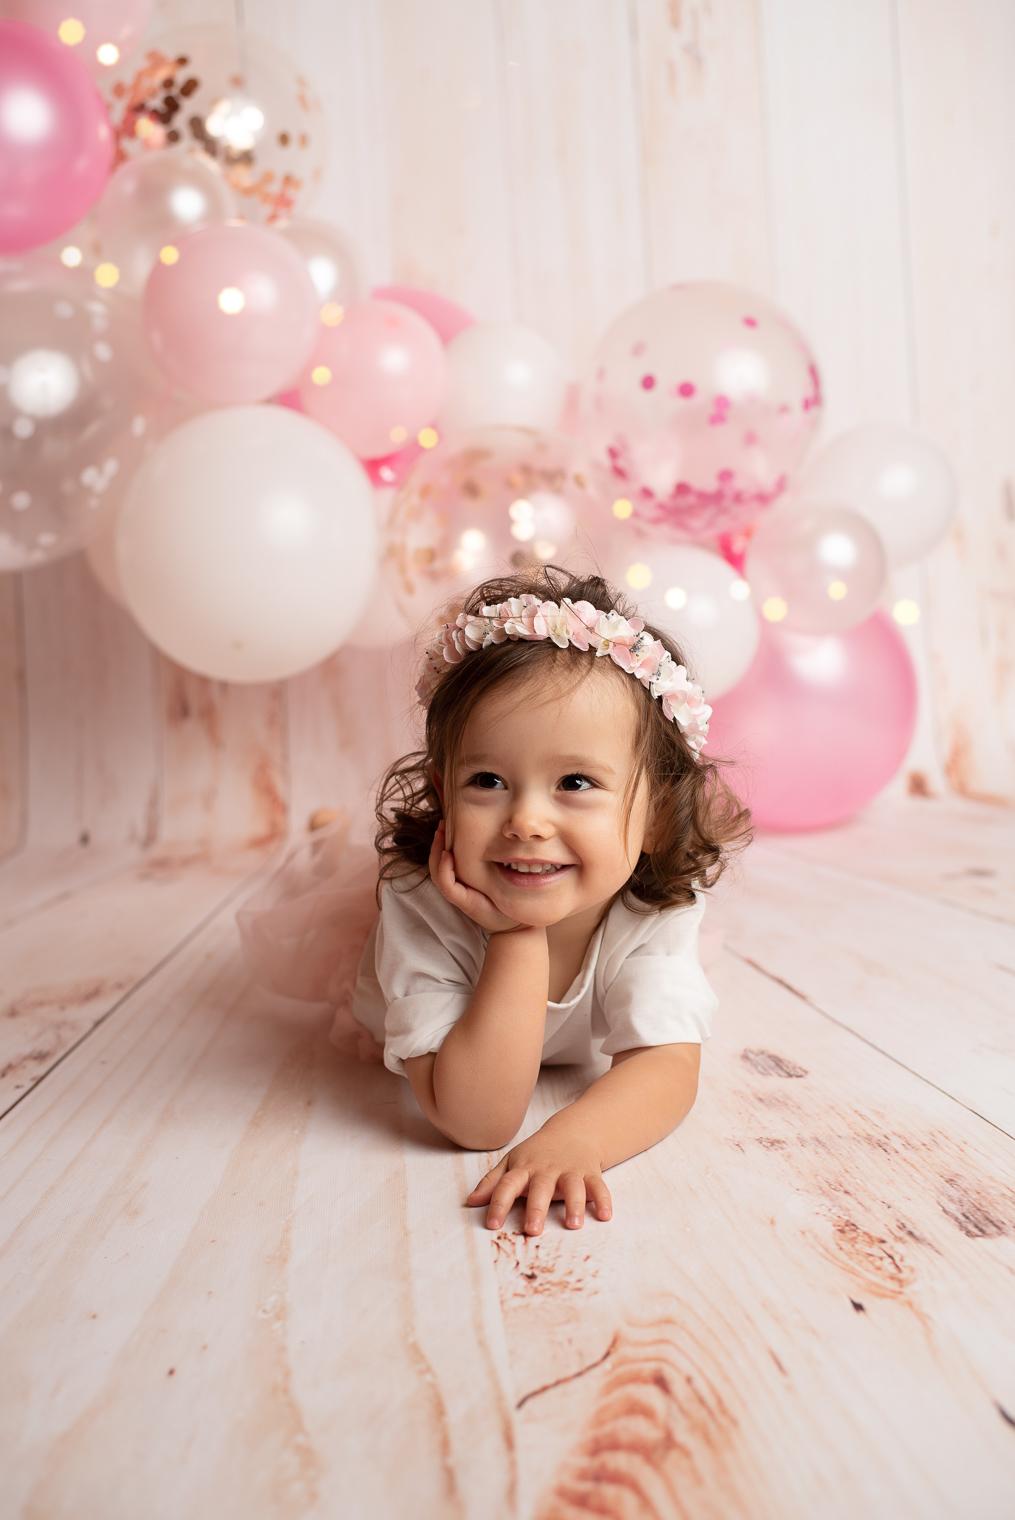 belinda lopez photo bebe enfant anniversaire miam smash cake photographie famille grossesse nouveau-ne maternite photographe bourg-saint-maurice savoie belindalopez.fr-2